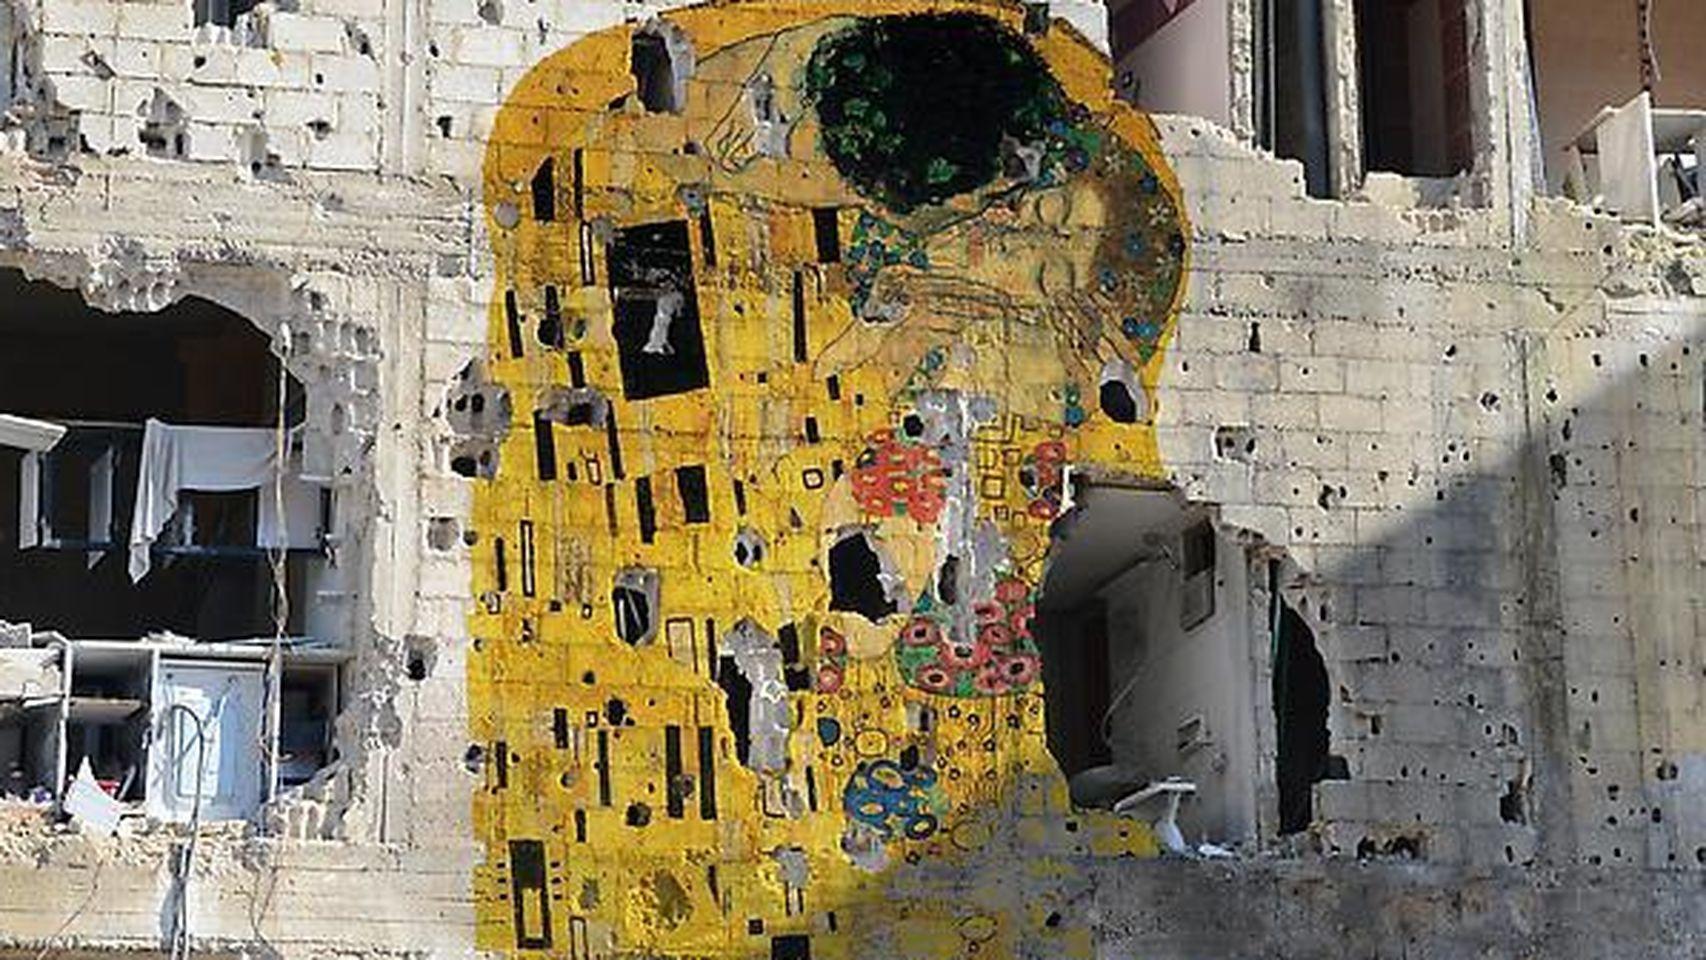 El beso de Klimt en ruinas. Fuente: www.elespanol.com